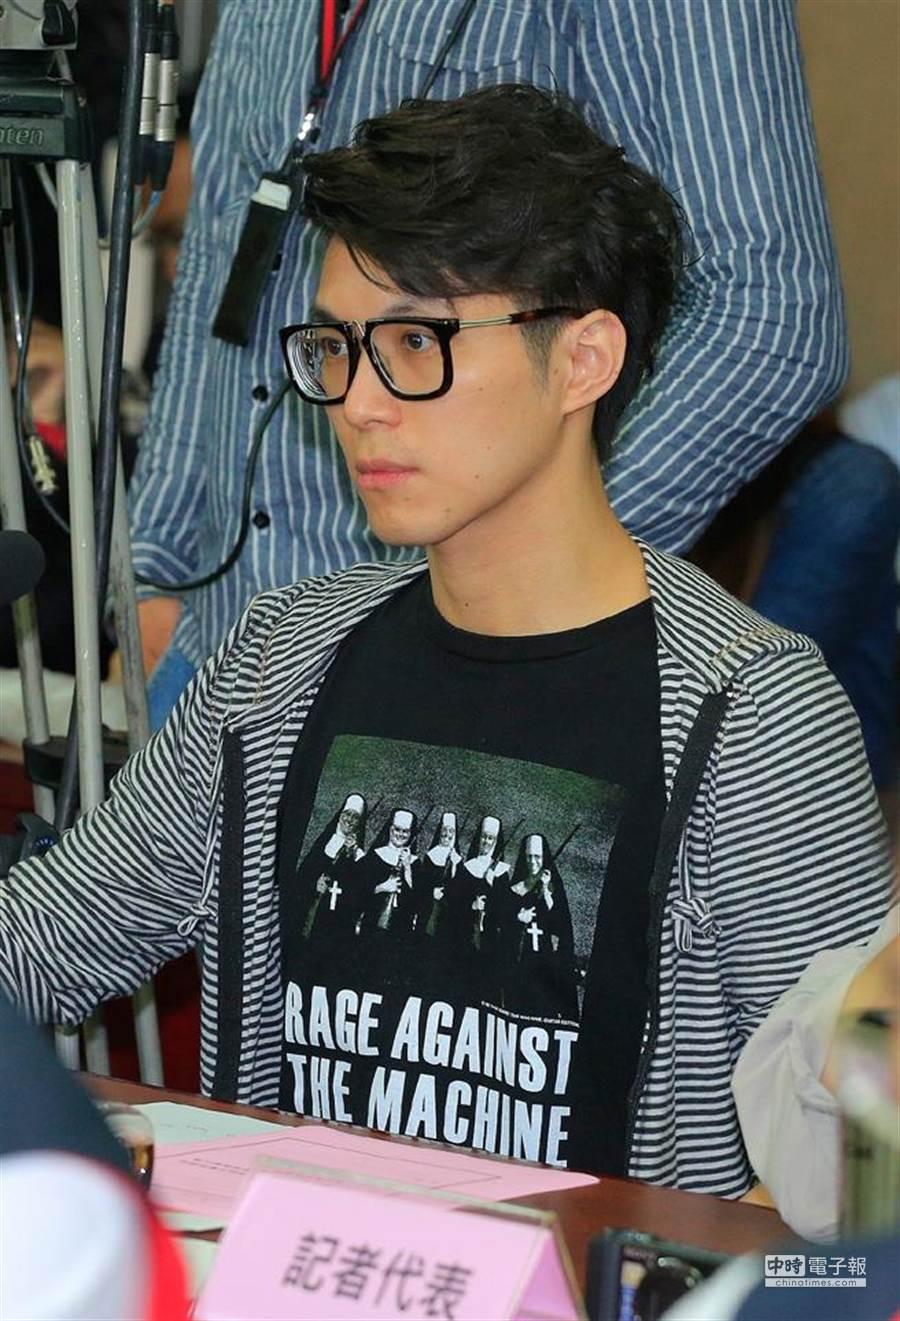 3月23日攻占行政院事件,台北地檢署依侵入住居罪嫌,起訴當天被警方驅離後一度倒地抽搐,指控警方施暴的牙醫師王心愷(圖)在內的39人。(資料照片,方濬哲攝)